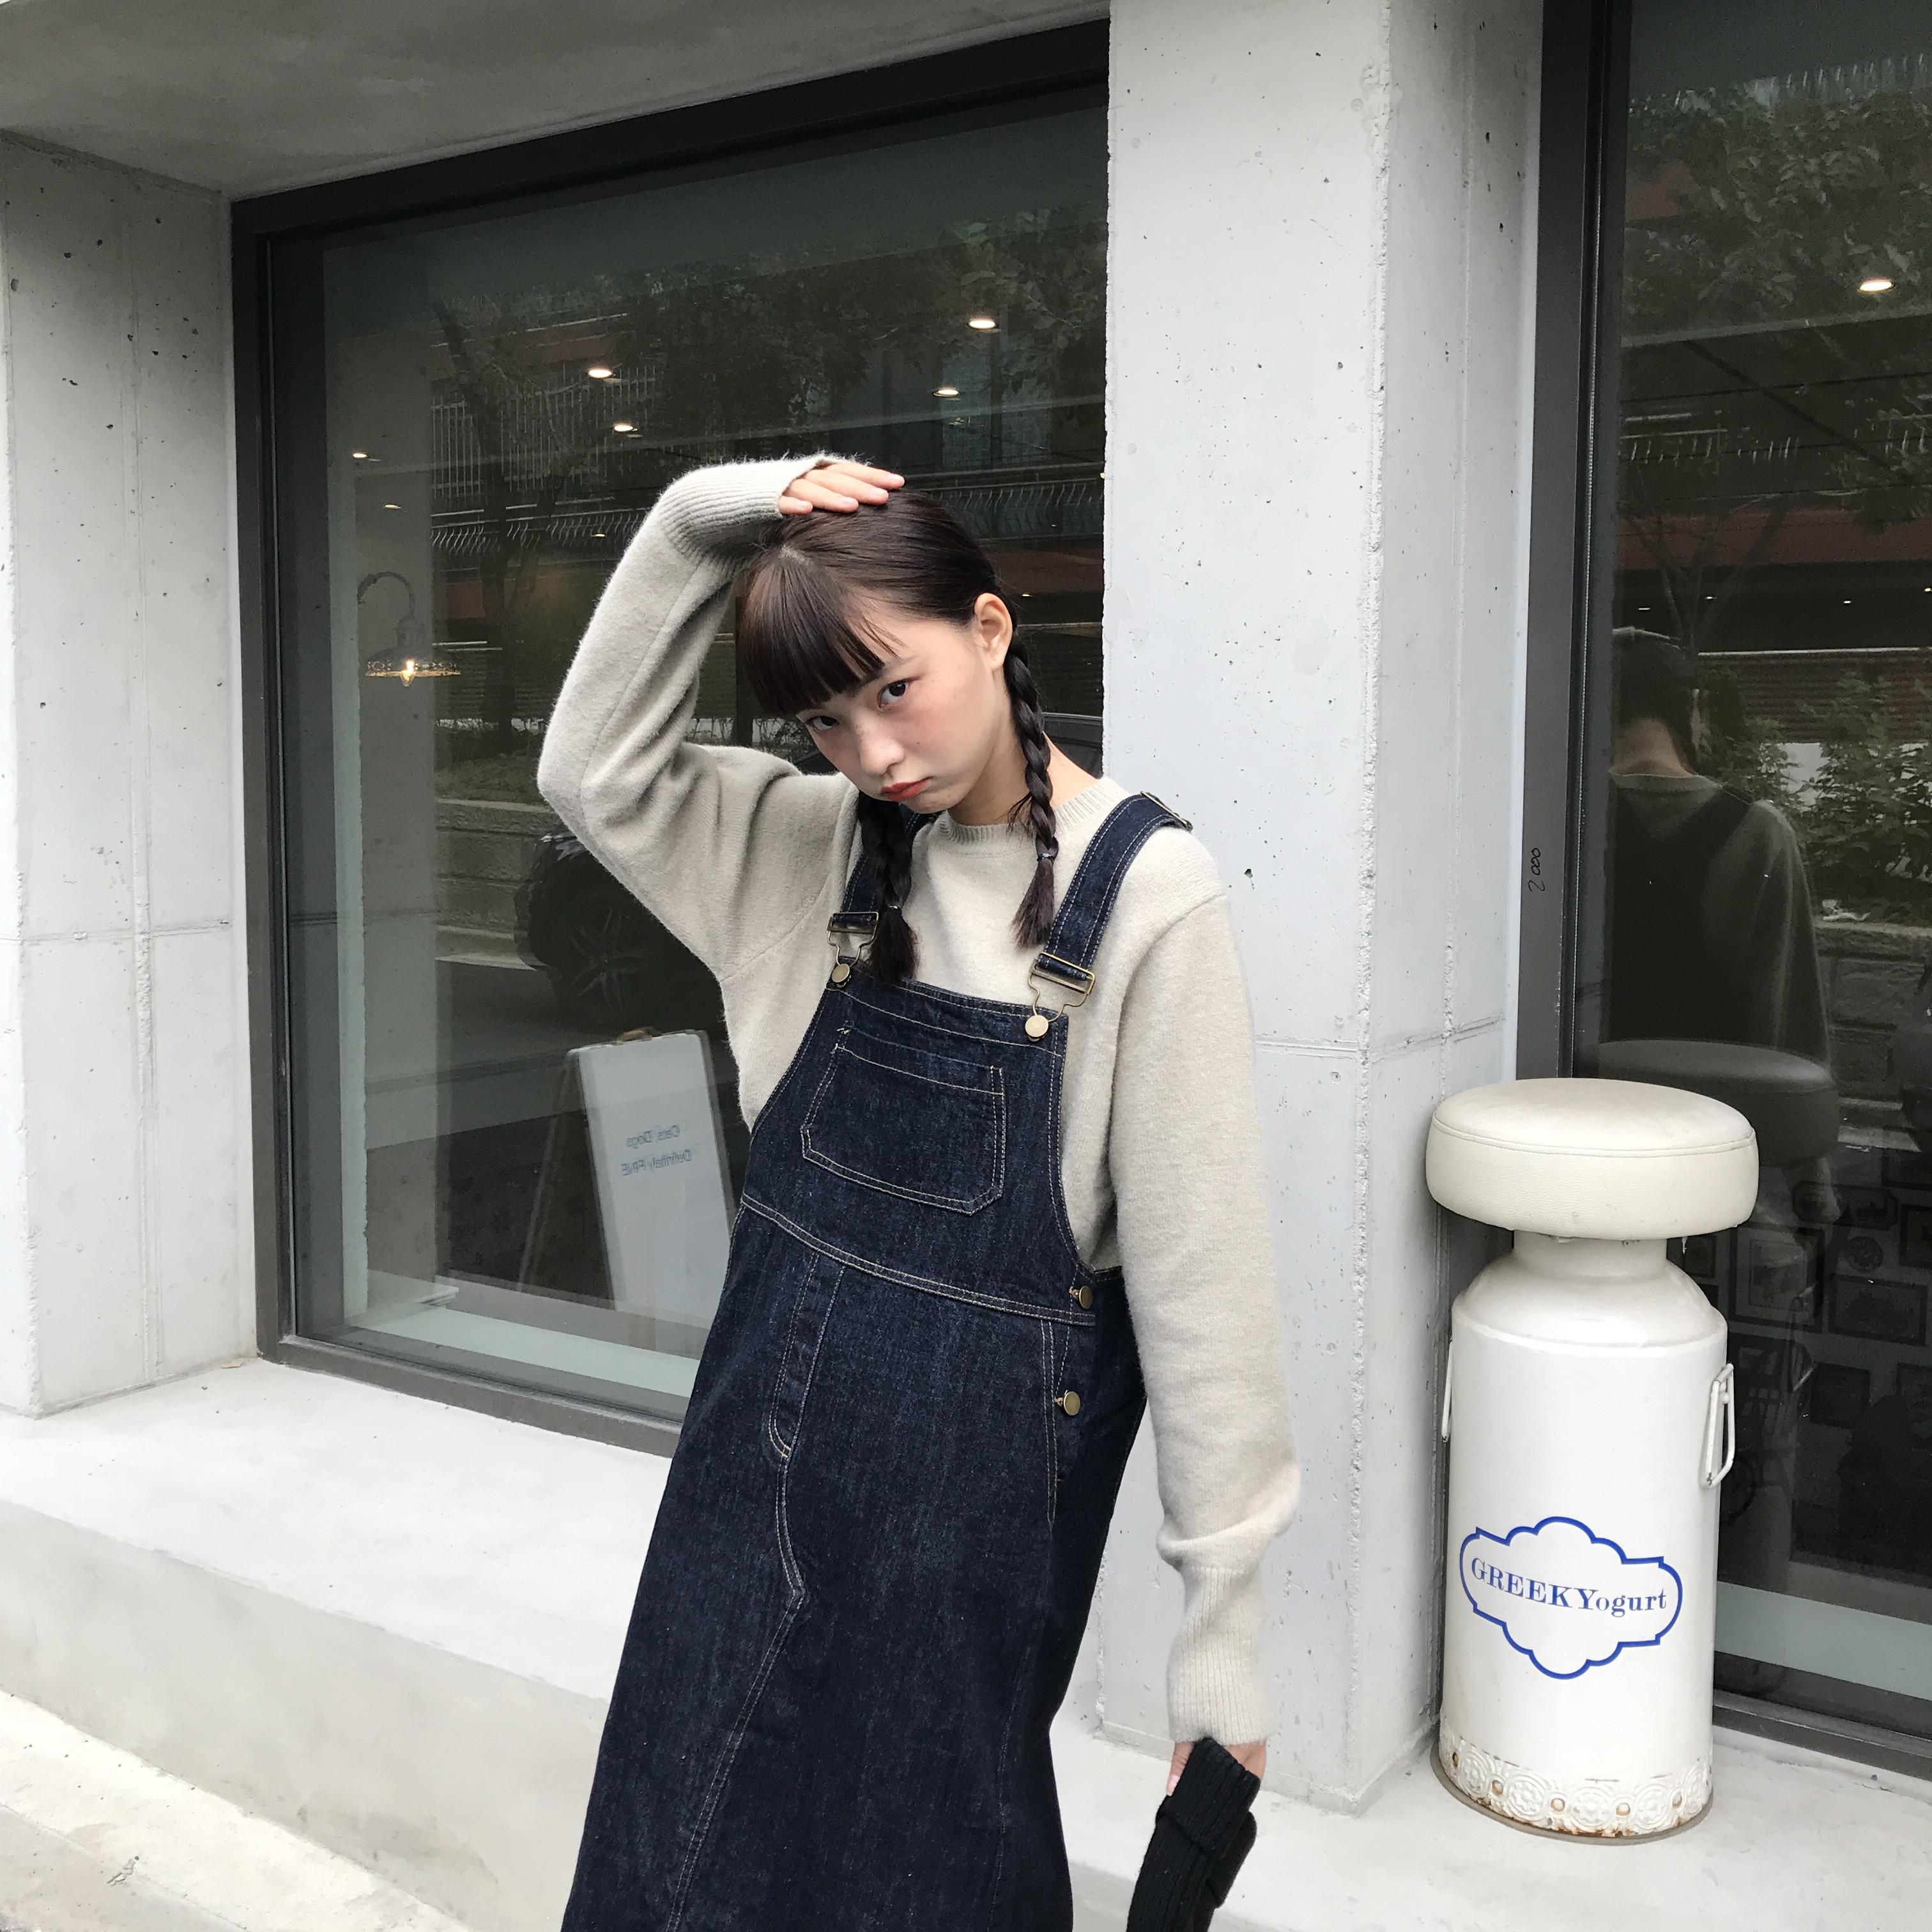 馨帮帮秋季新款宽松蓝色牛仔连衣裙12-01新券